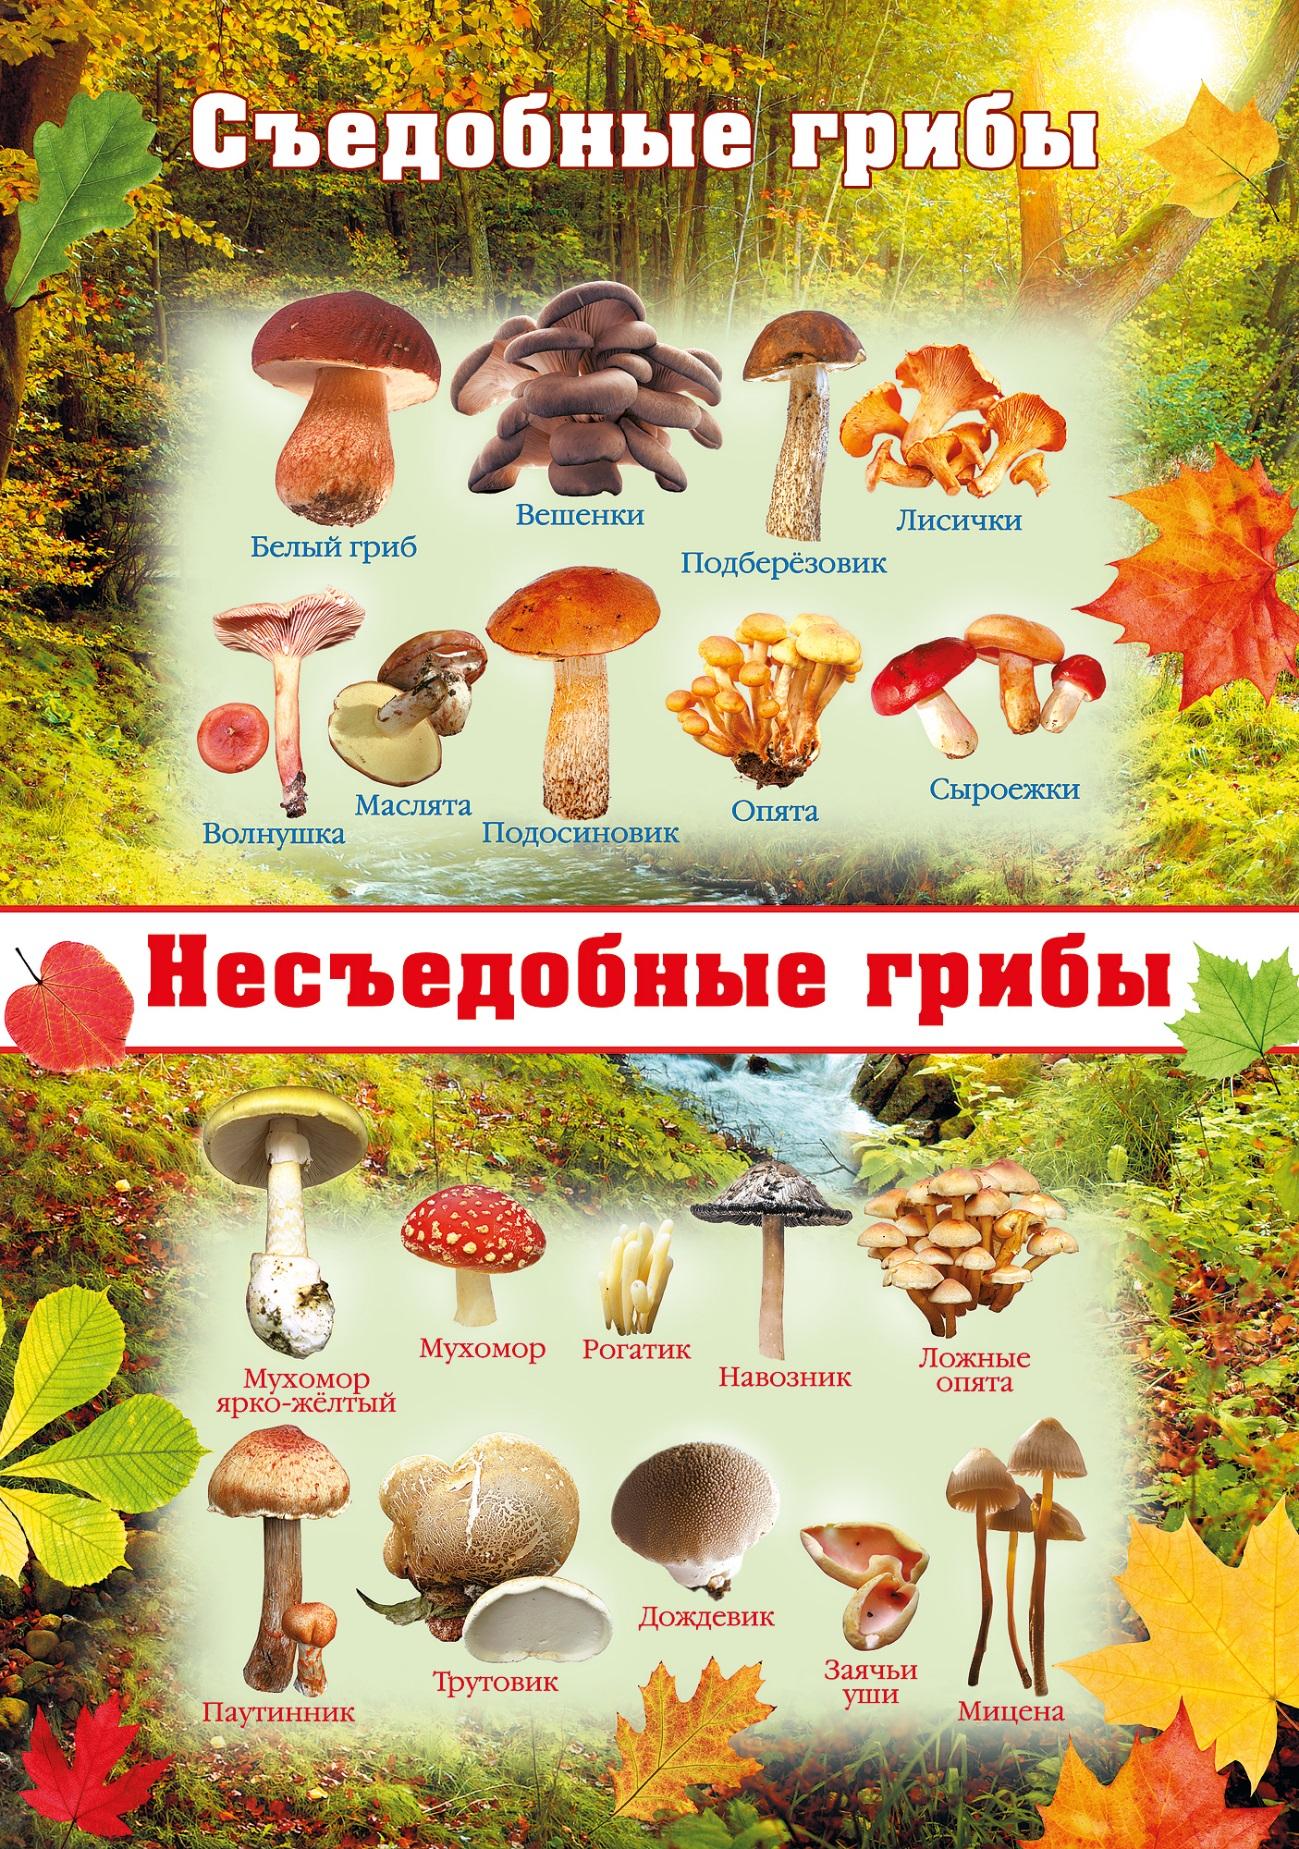 Какие съедобные грибы растут весной и летом: список, названия, фото. какие съедобные грибы появляются в мае, июне, июле, августе? как быстро растут съедобные грибы после дождя летом?